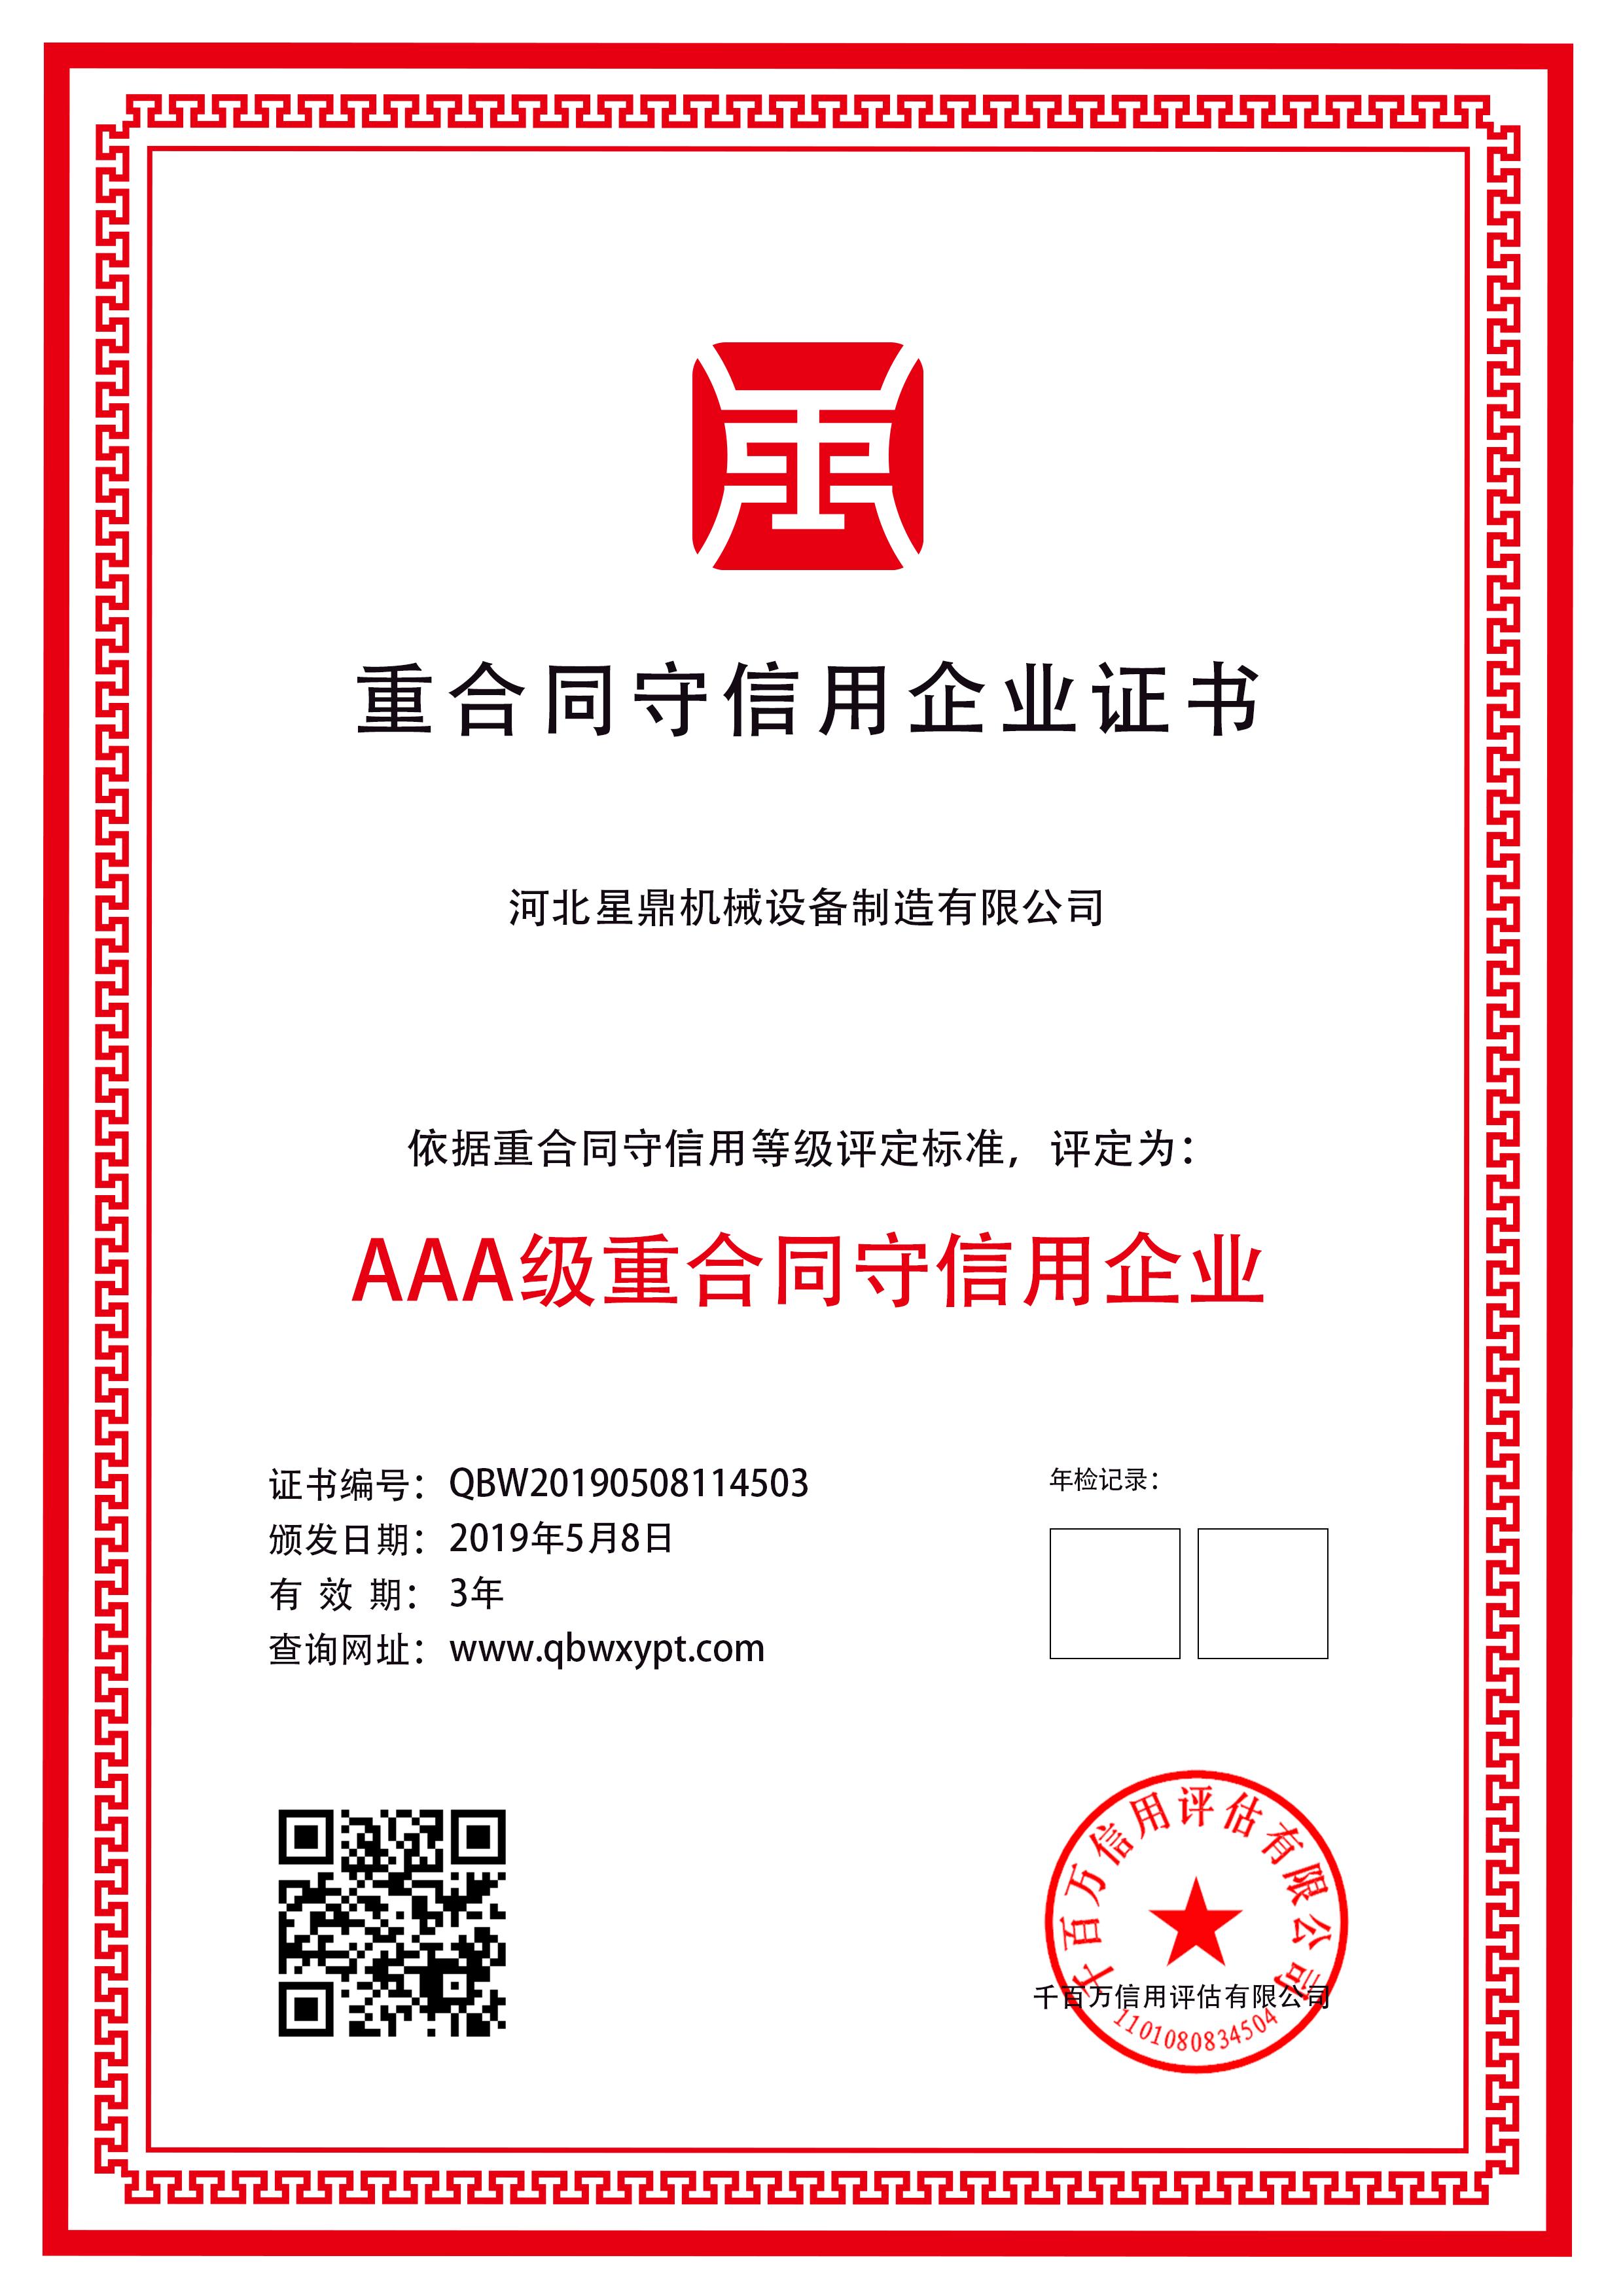 河北星鼎机械设备制造有限公司-重合同守信用企业证书